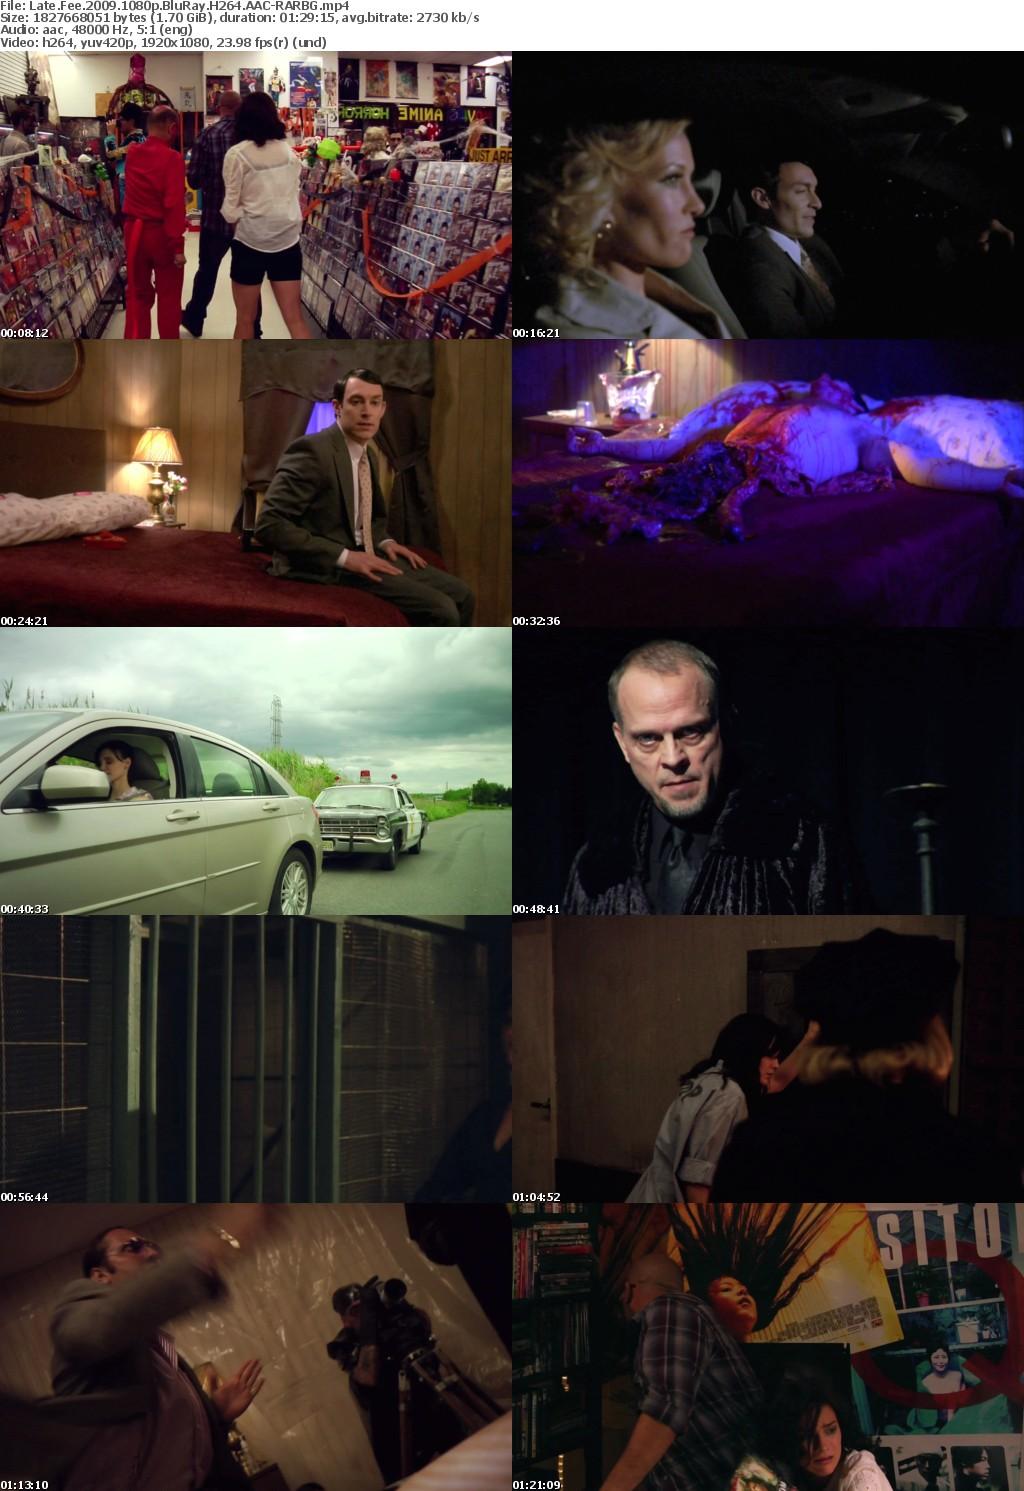 Late Fee (2009) 1080p BluRay H264 AAC-RARBG